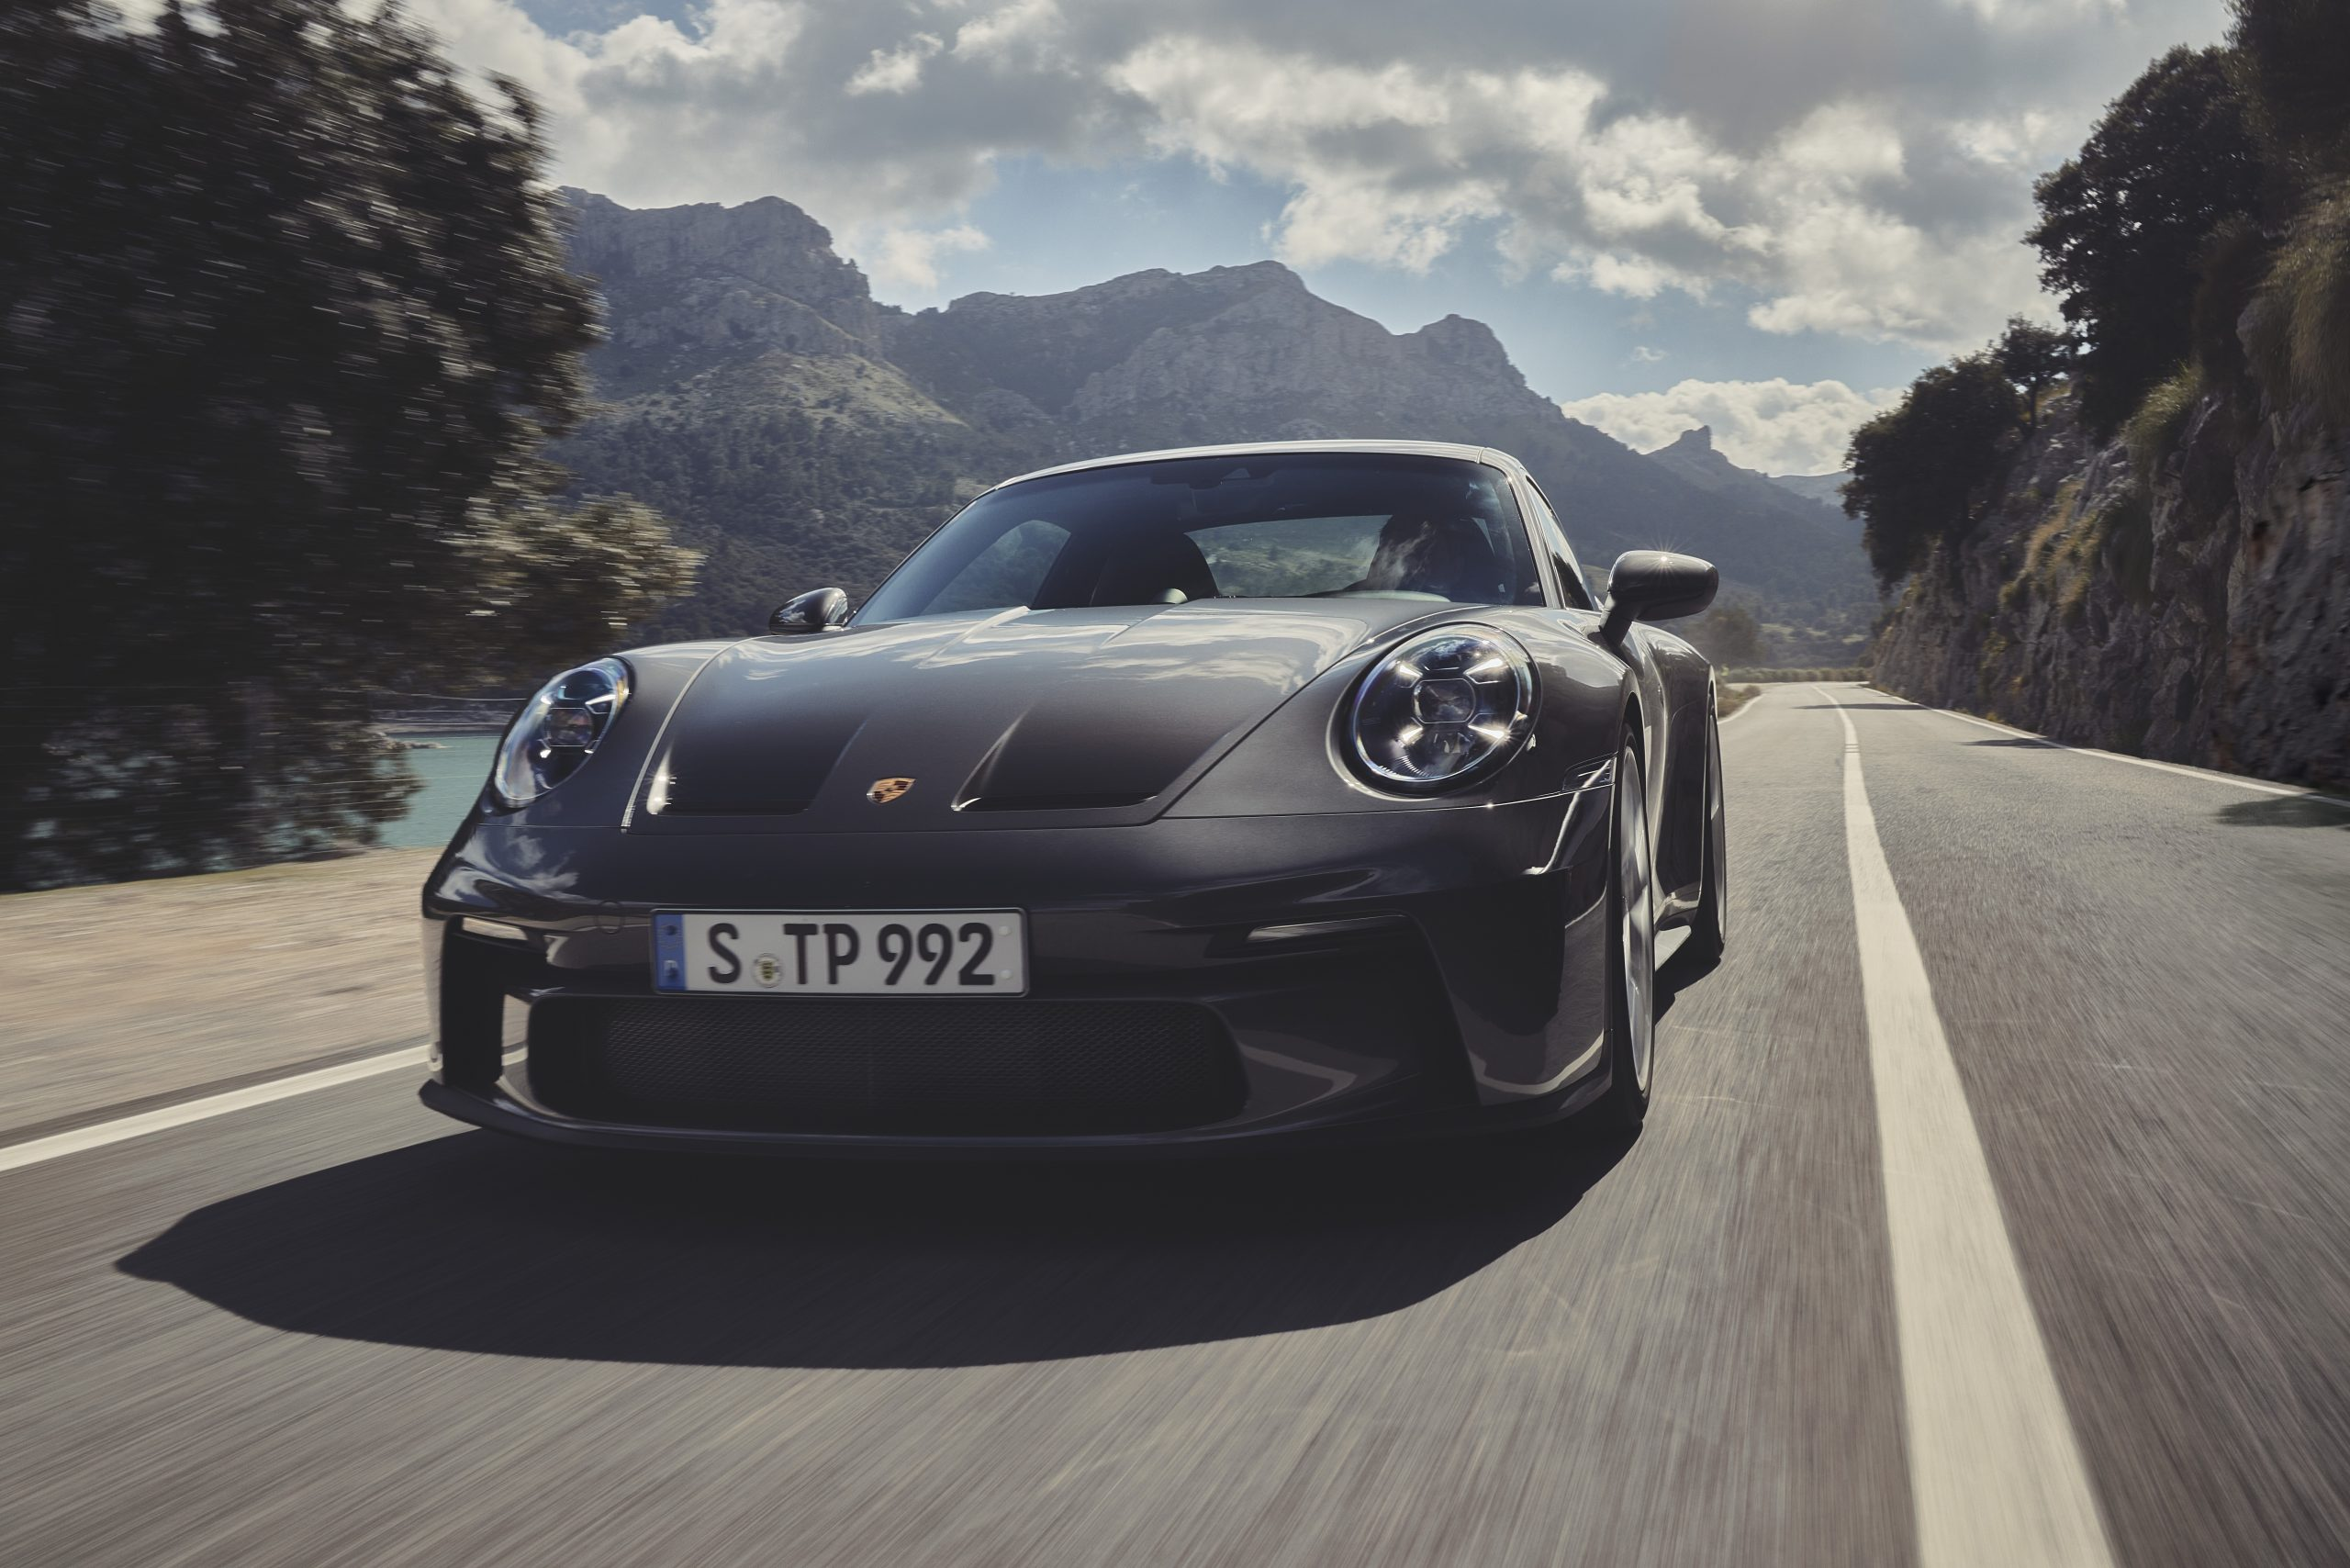 S21 2129 fine scaled Rimac και Porsche, αγοράζουν τη Bugatti; Bugatti, Porsche, Rimac, Volkswagen, VW, zblog, ειδήσεις, Νέα